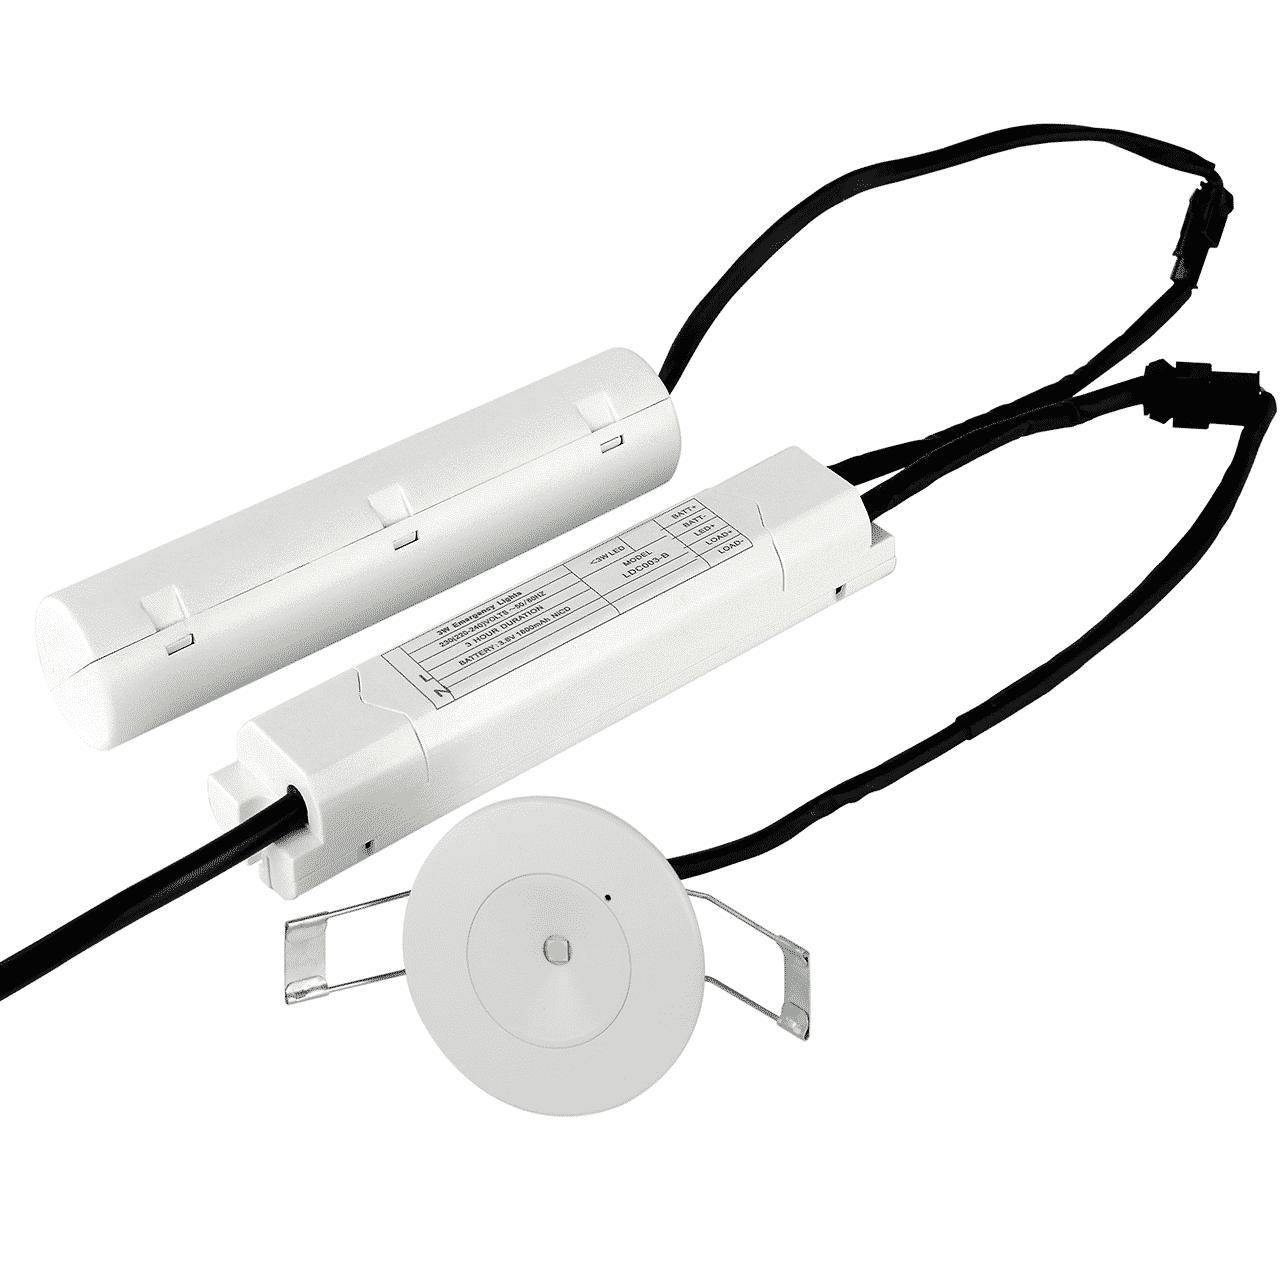 noodverlichting spot- 3 watt- inbouw - open lens - 6000k- voorkant